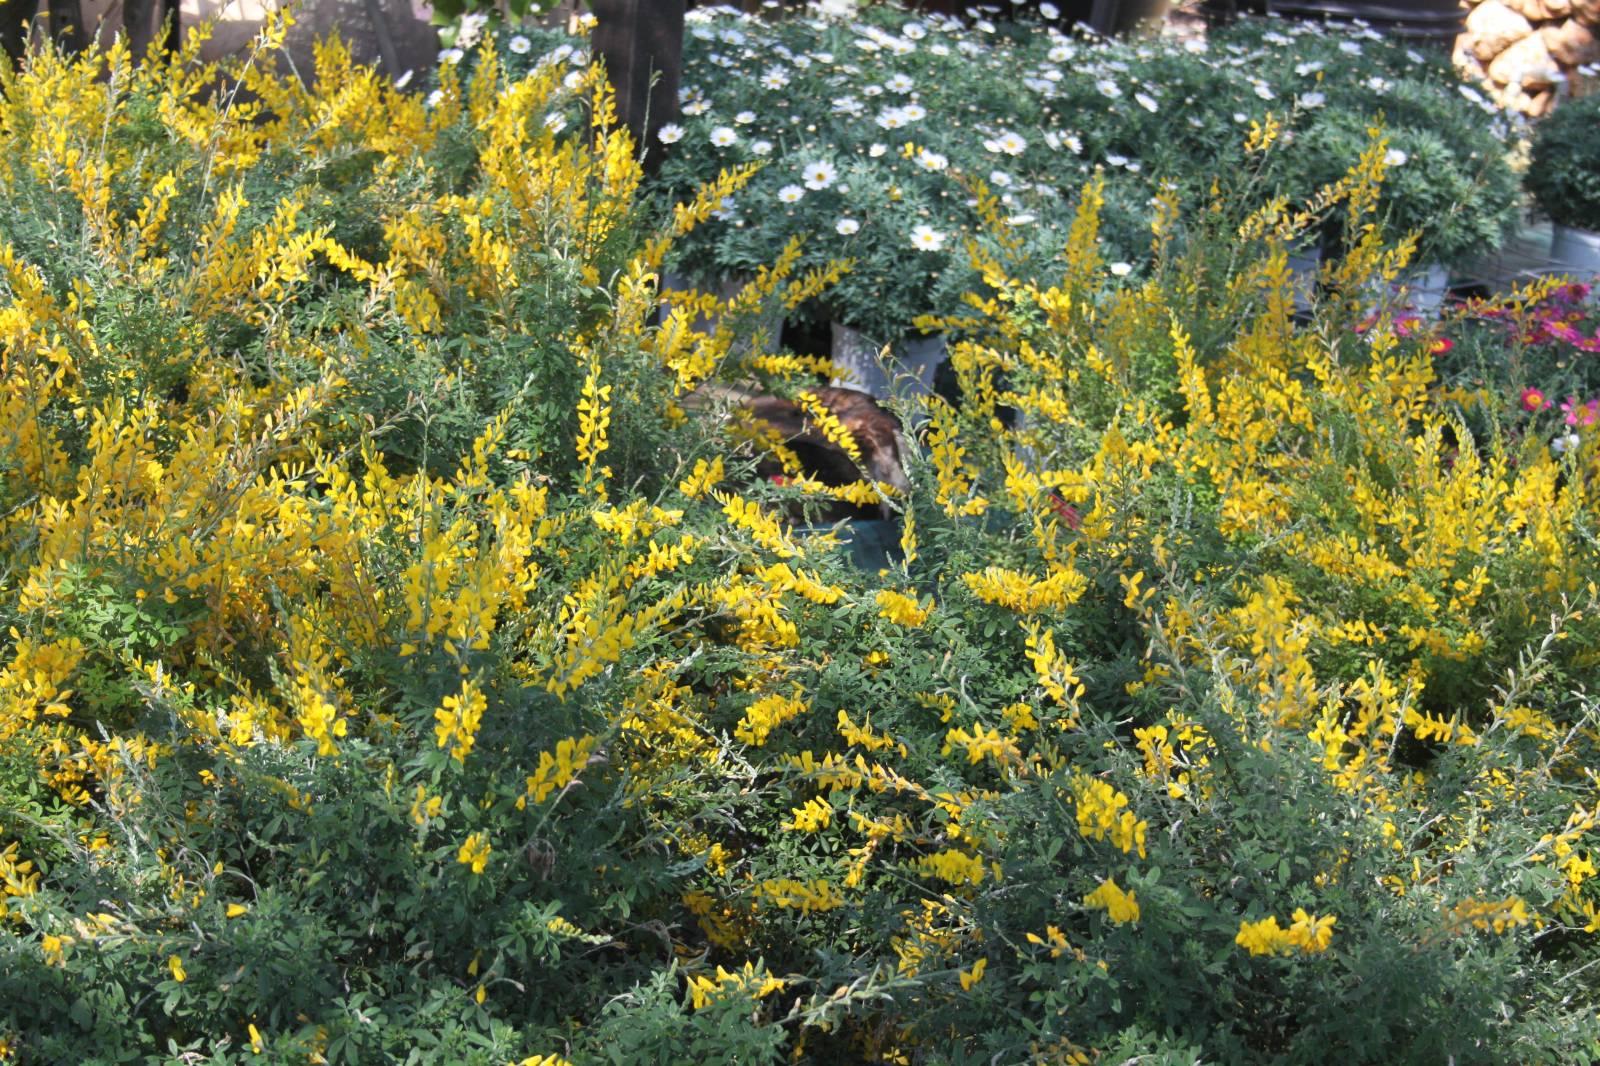 Les arbustes fleurs vente fleurs et plantes aubagne for Vente plantes arbustes